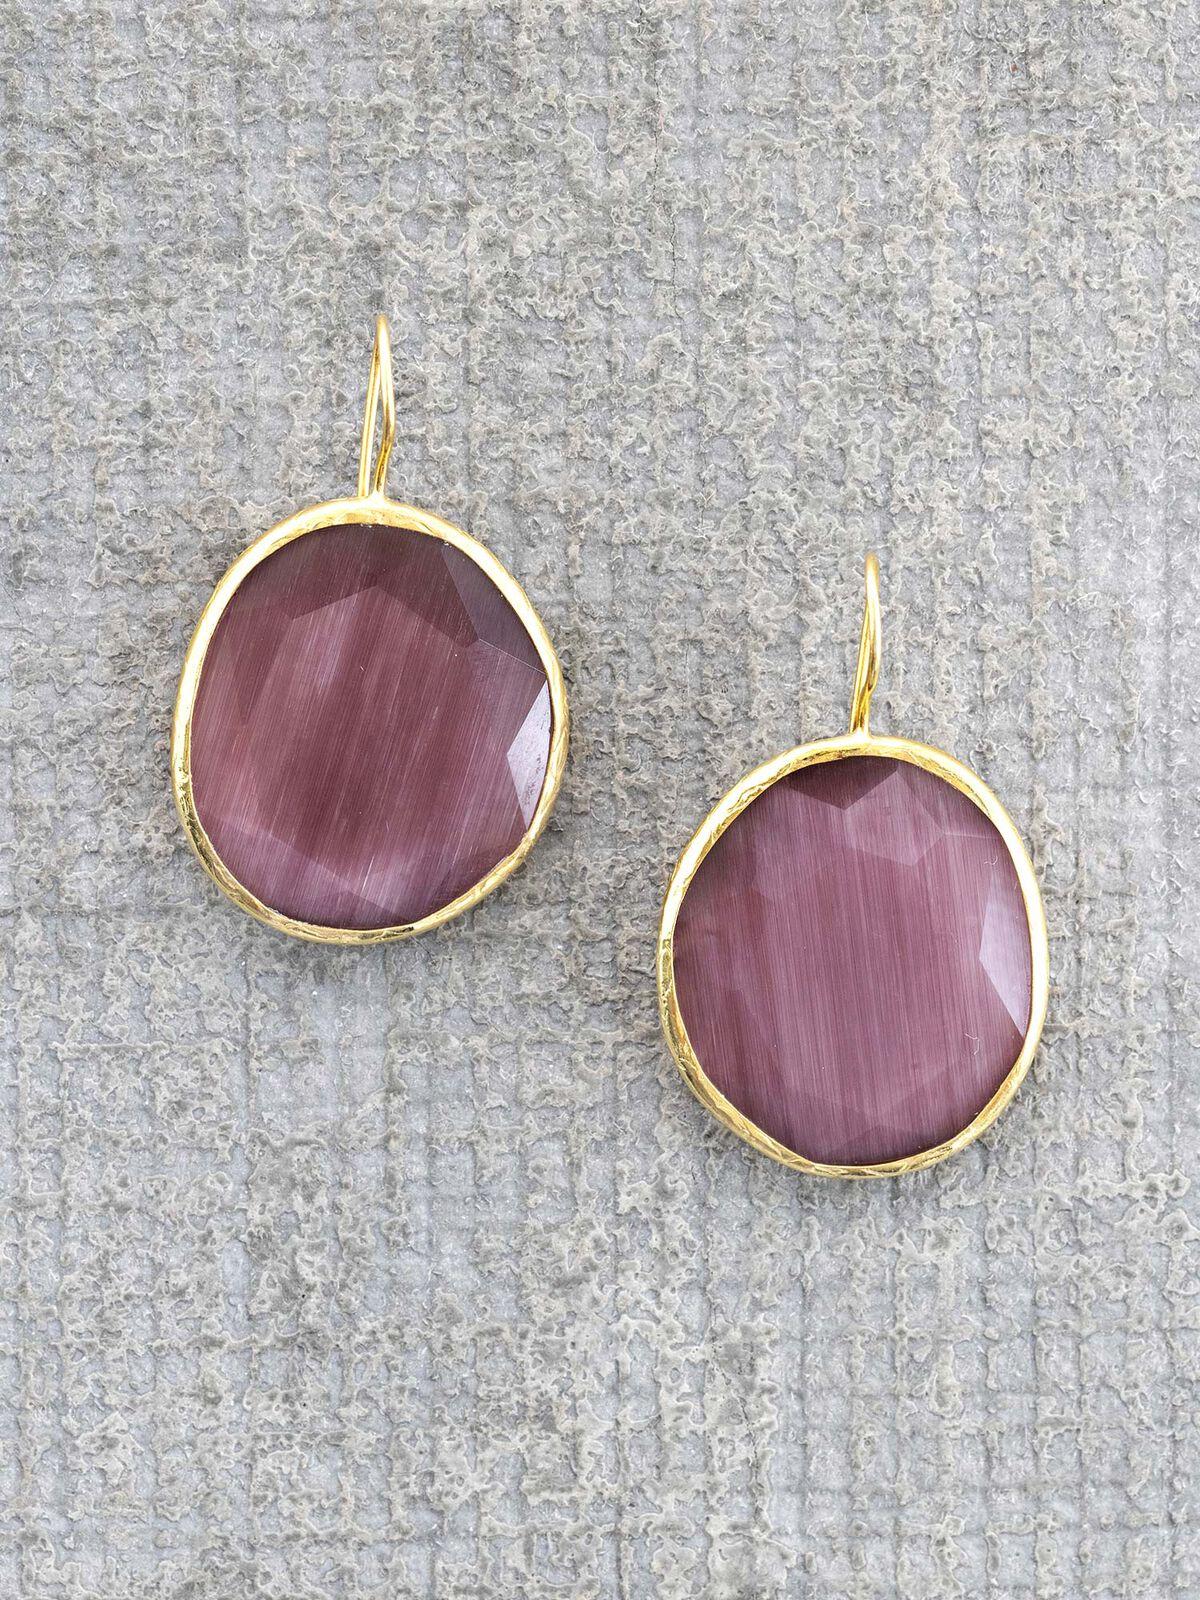 Marlyn Schiff Sterling Glass Earring